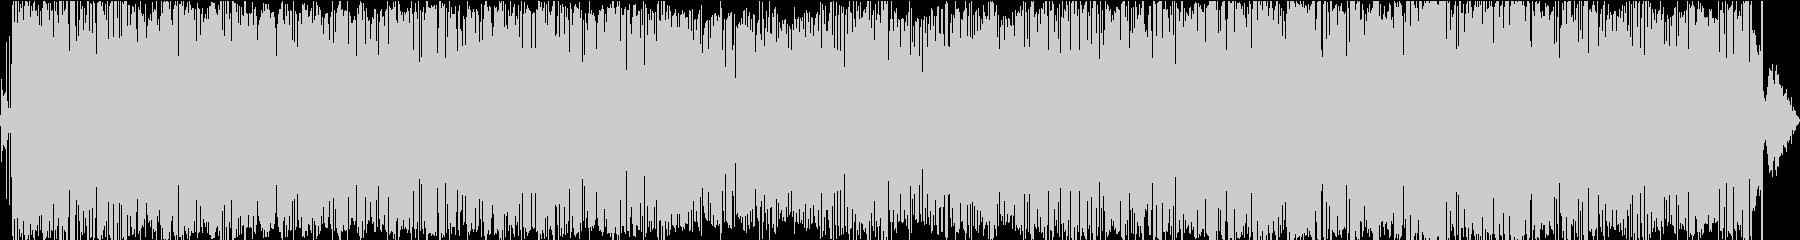 ジャズ。男性の声のカウント:1、2…..の未再生の波形